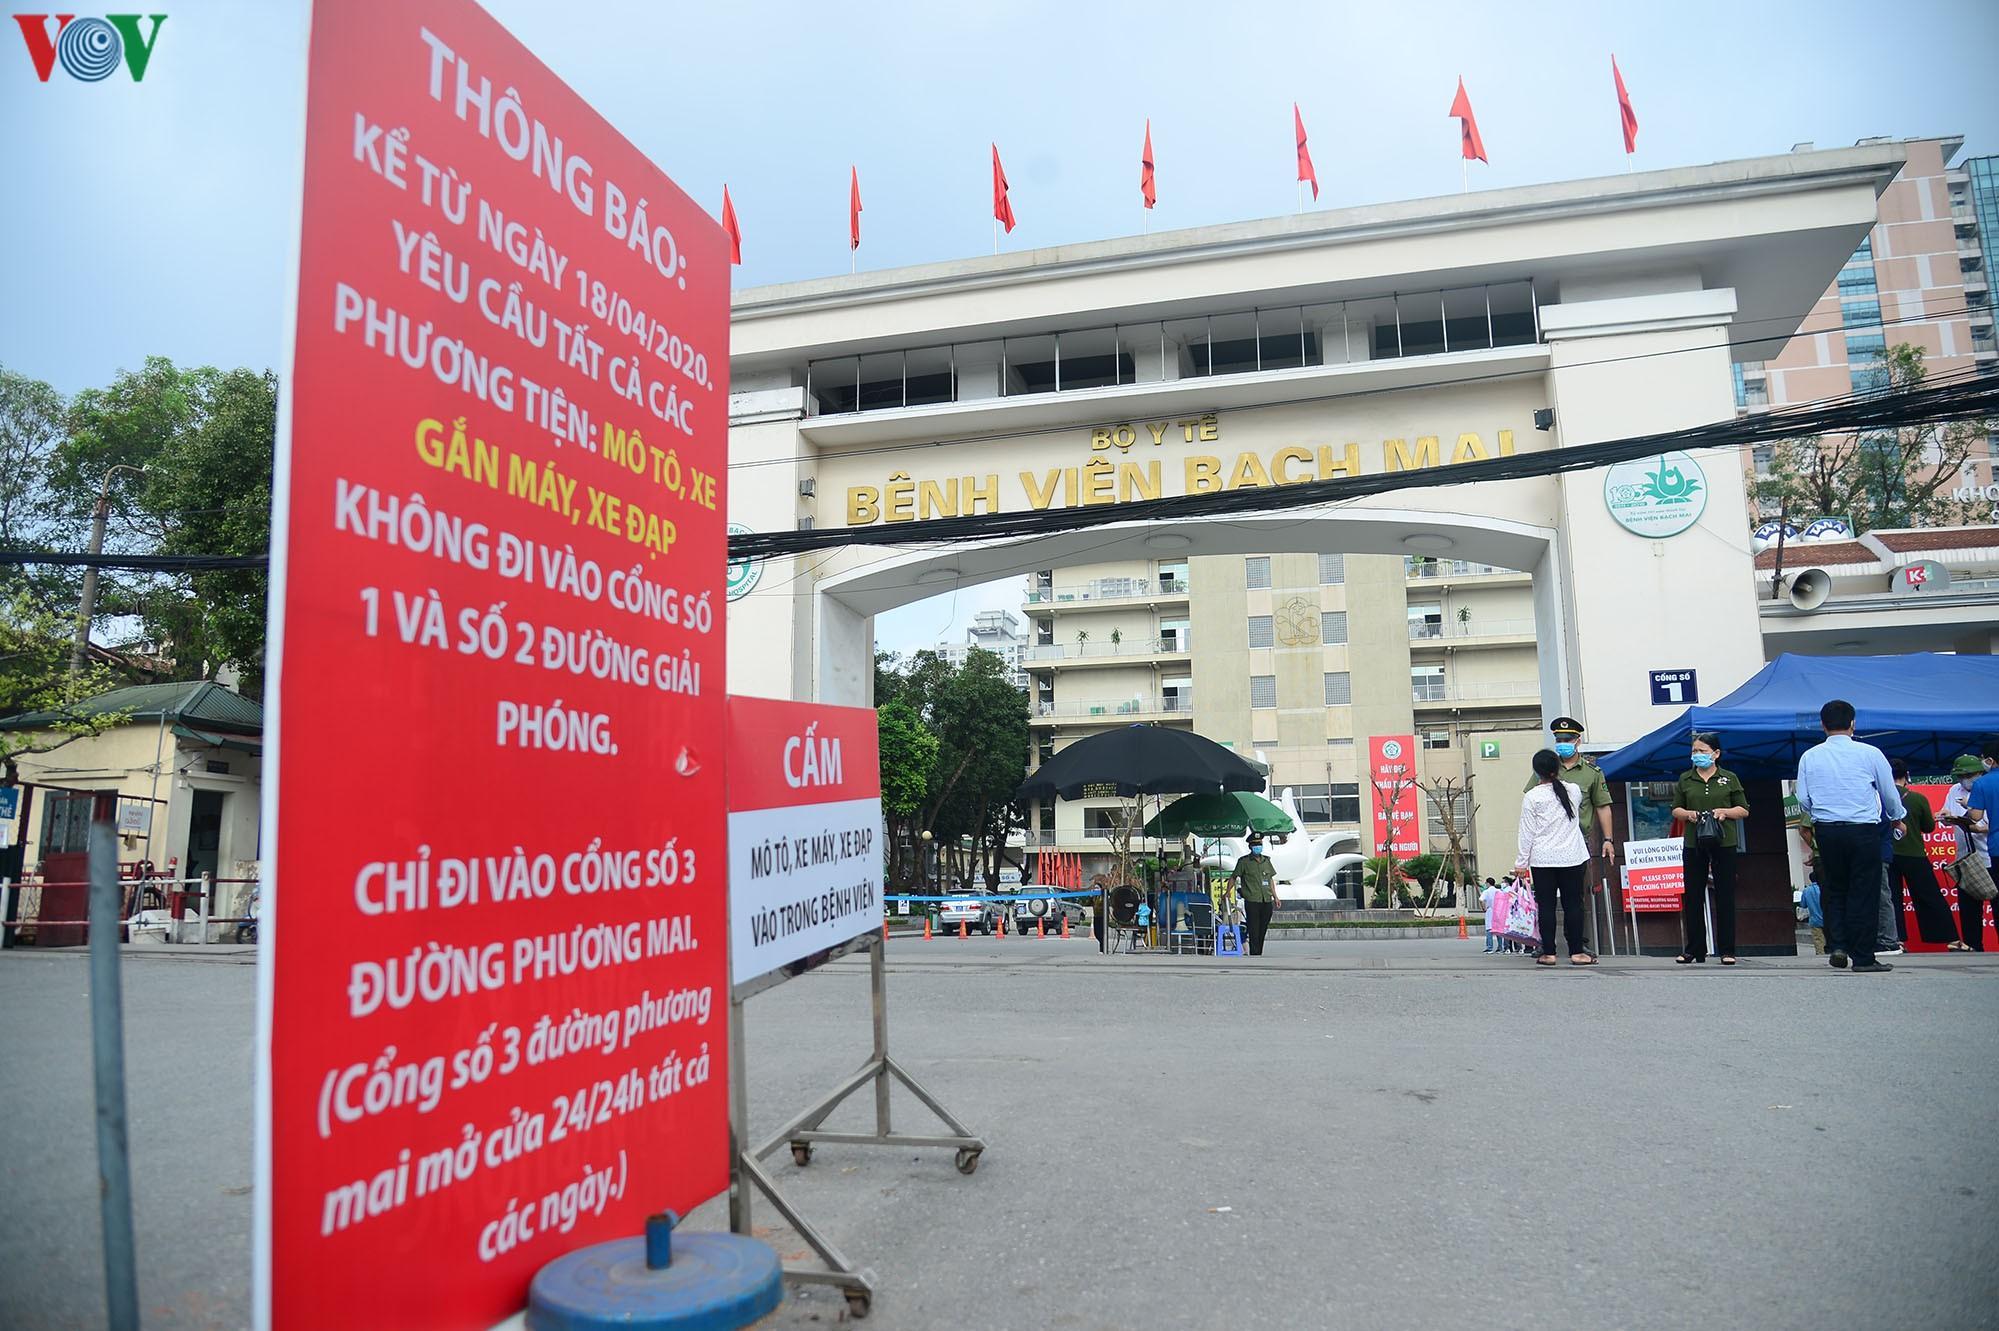 Người dân đổ về bệnh viện Bạch Mai khám bệnh sau thời gian cách ly Ảnh 1